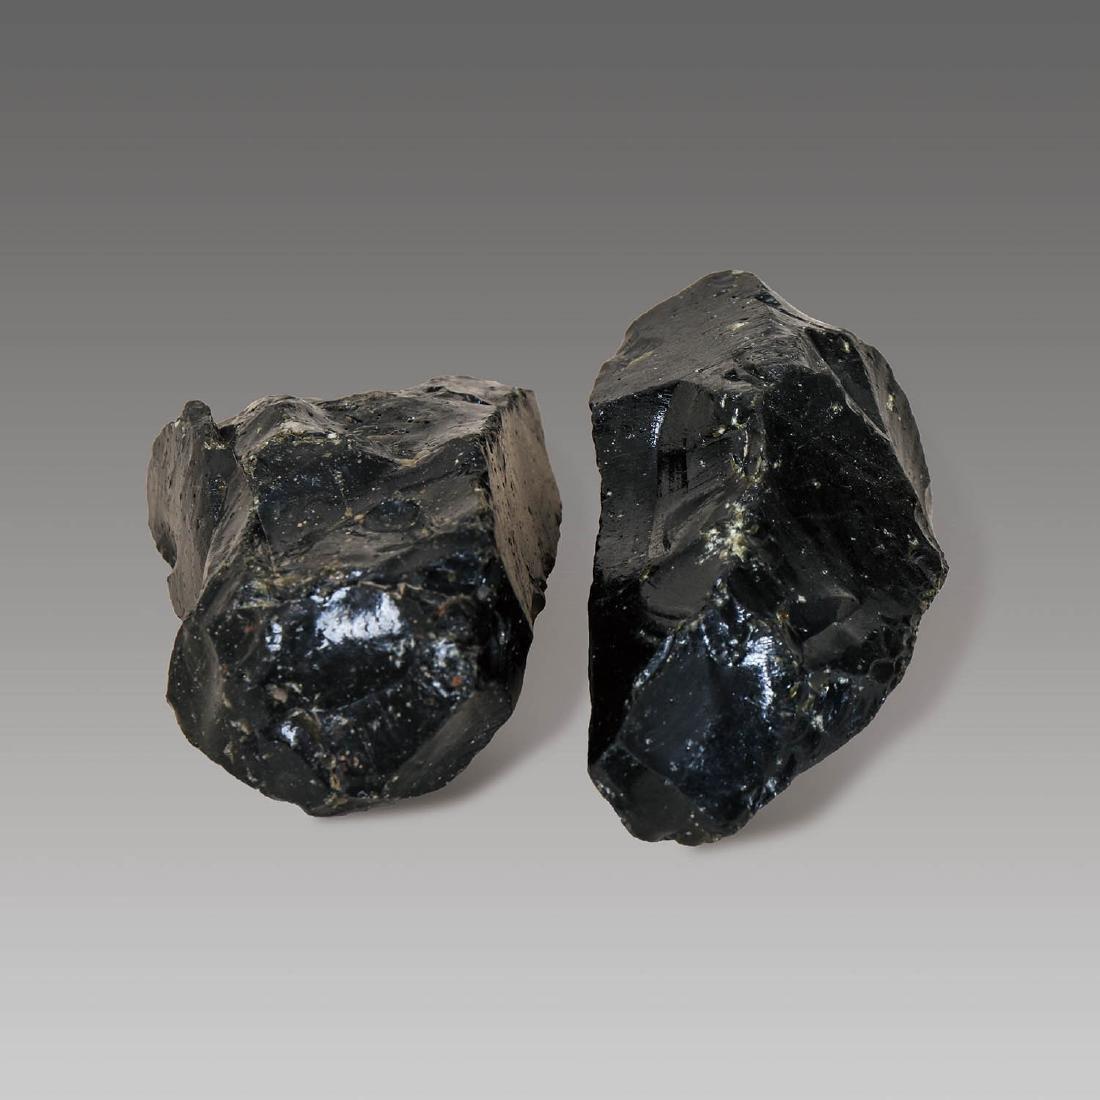 CHINESE GLASS METEORITE